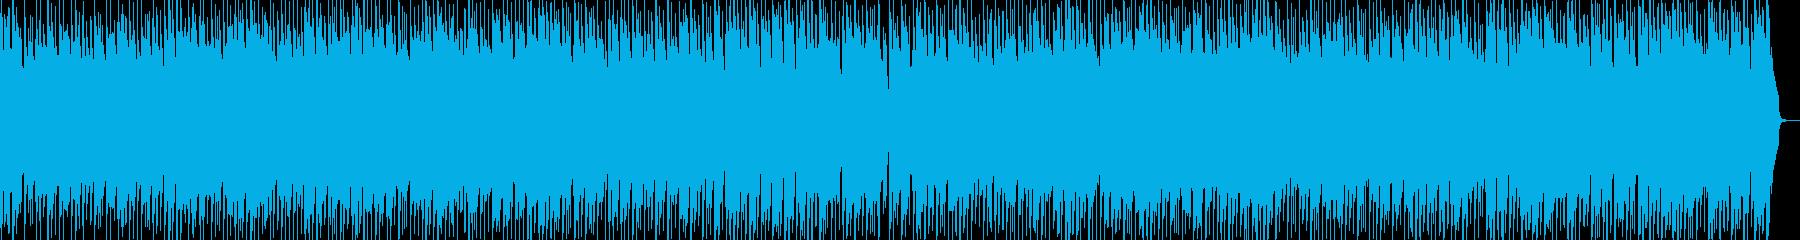 ほのぼのしたかわいいポップワルツの再生済みの波形